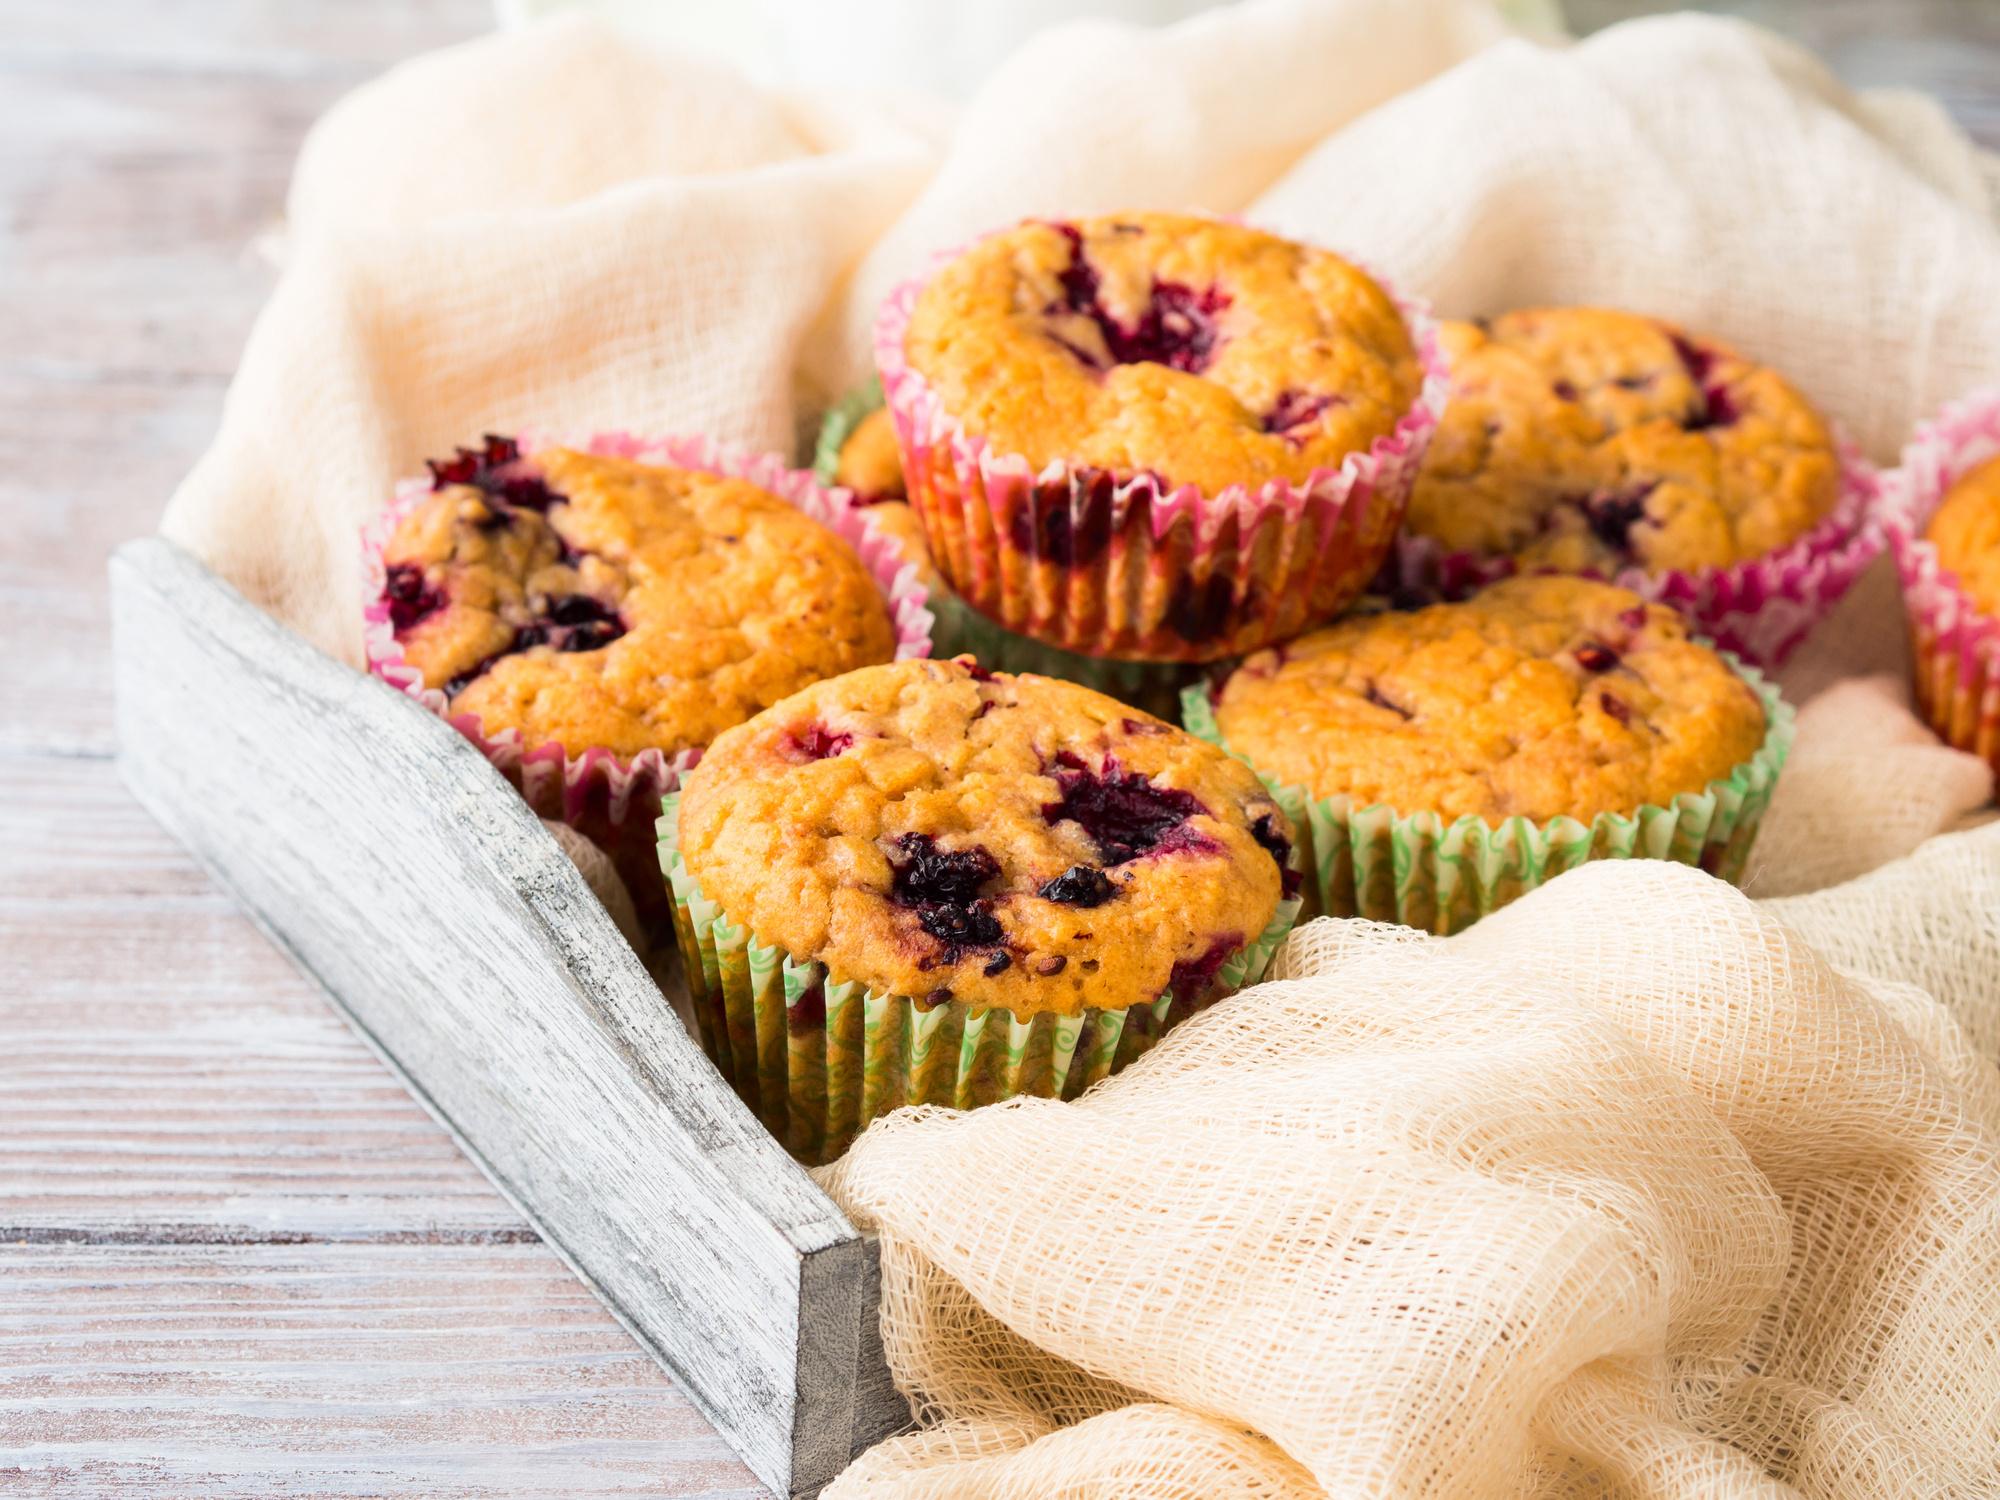 hogyan lehet fogyni a muffin teteje körül)